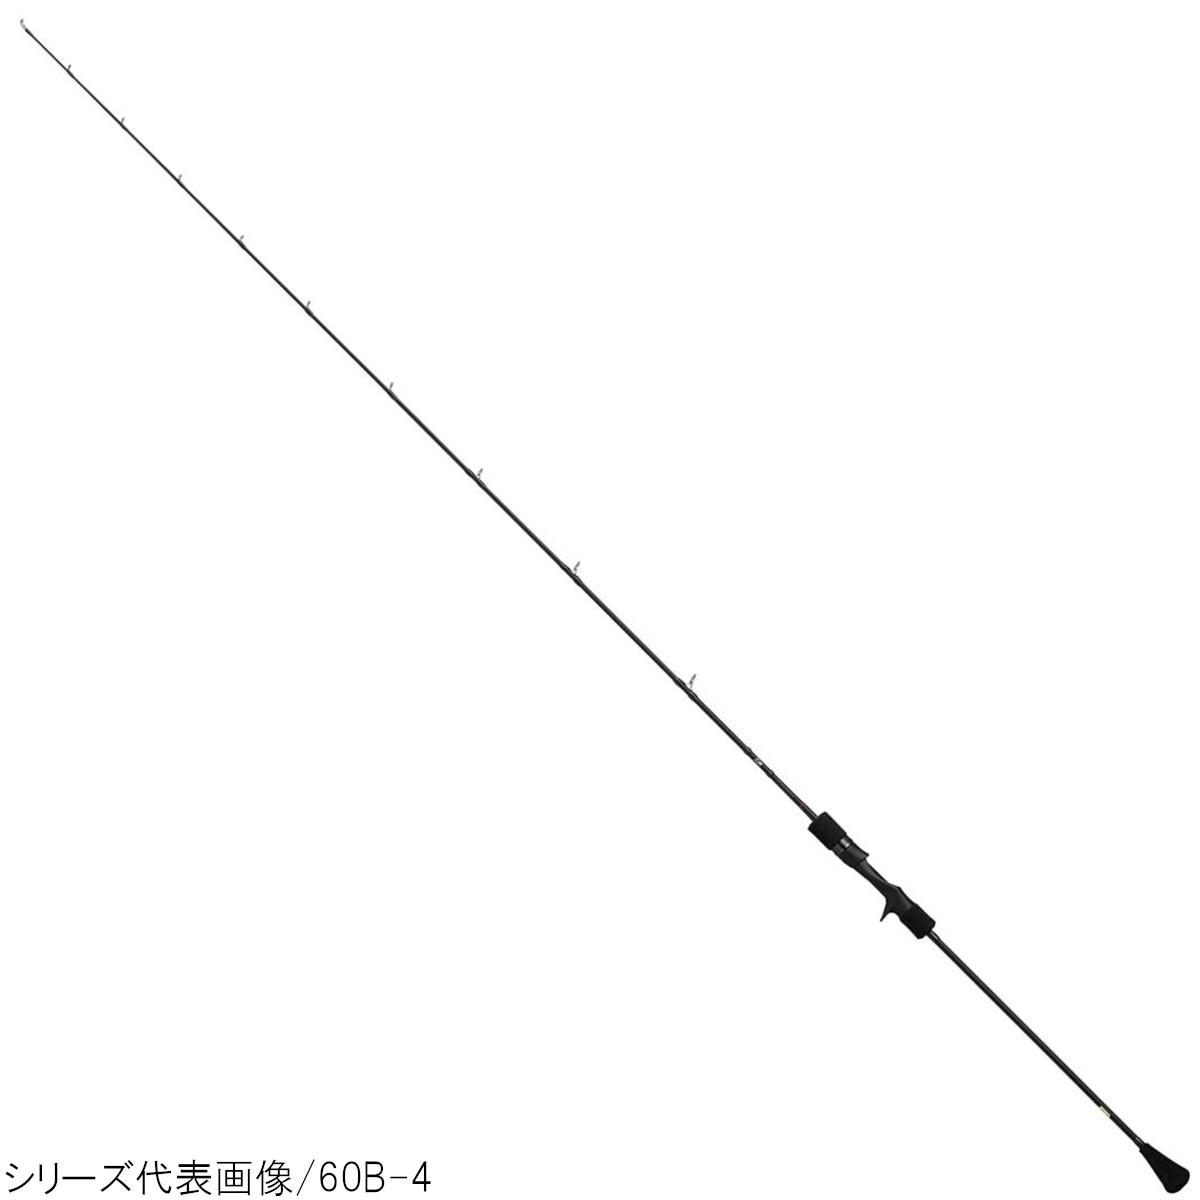 ダイワ キャタリナ SJ 60B-6【大型商品】